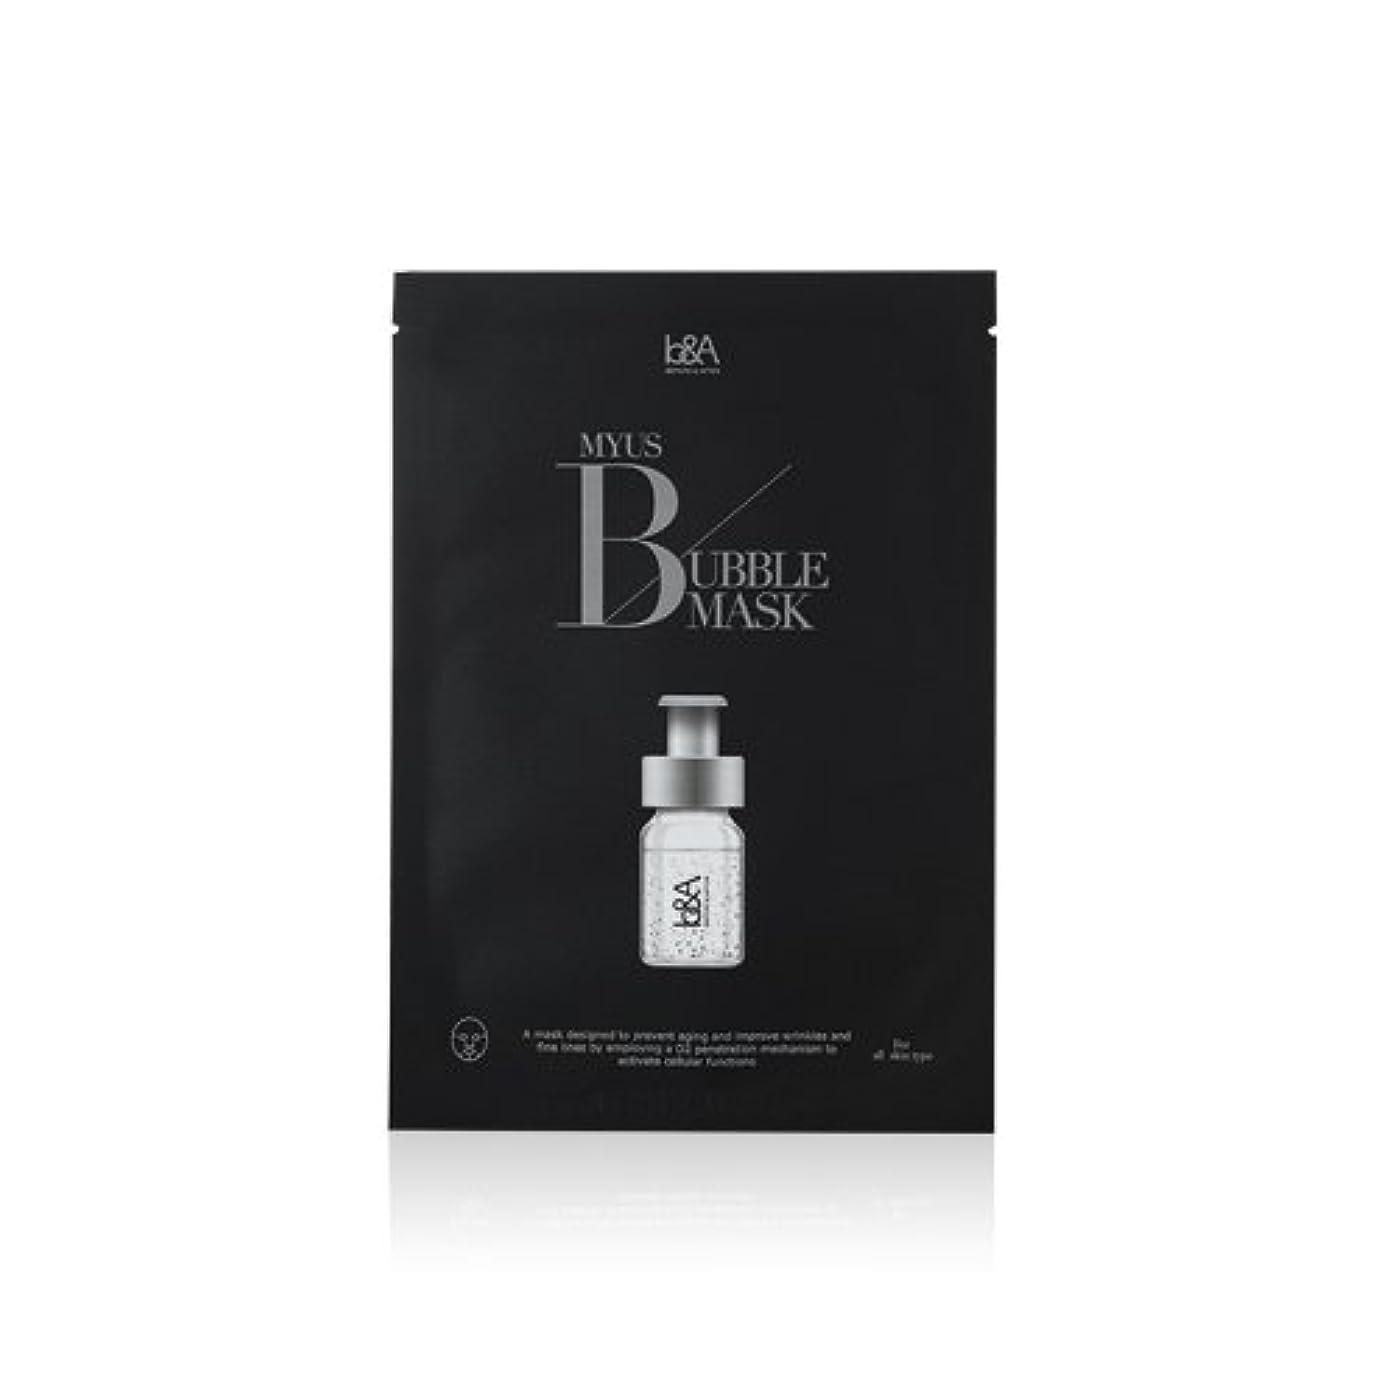 ハング床を掃除する債務者BigBang Top [K cosmetic][K beauty] Celeb's-Secret MYUS BUBBLE MASK 5pcs [海外直送品][並行輸入品]